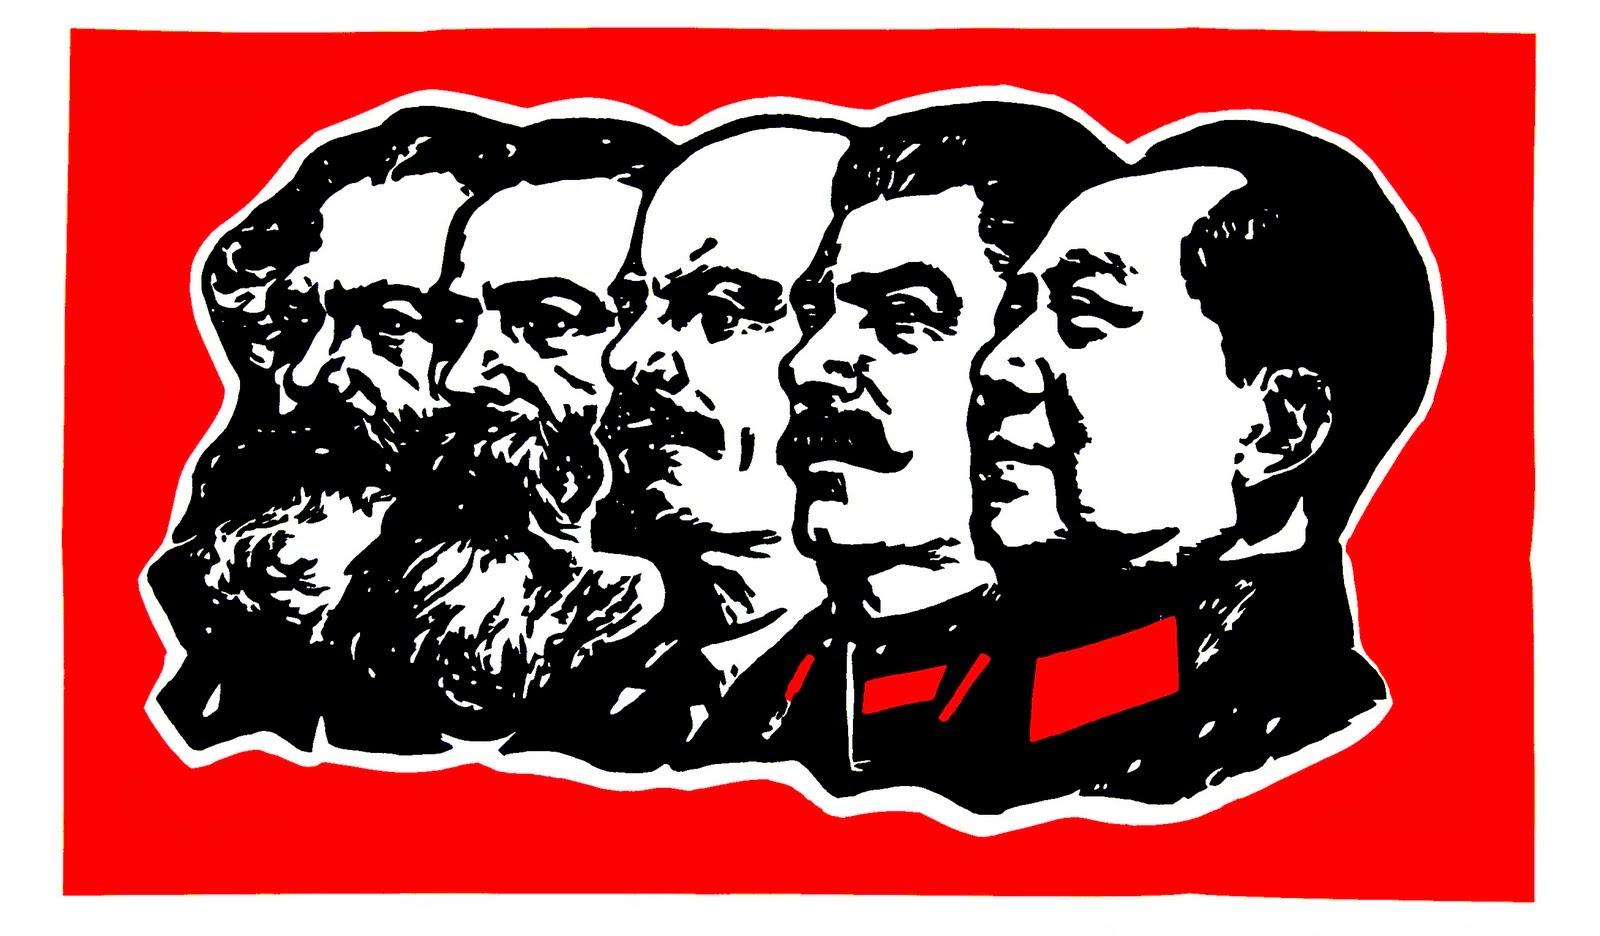 Kuo socialistinės idėjos skiriasi nuo komunistinių? Išties tiktai tuo, kad nežudo tų, kas netiki komunizmu. O ir tai tik su išlygomis.